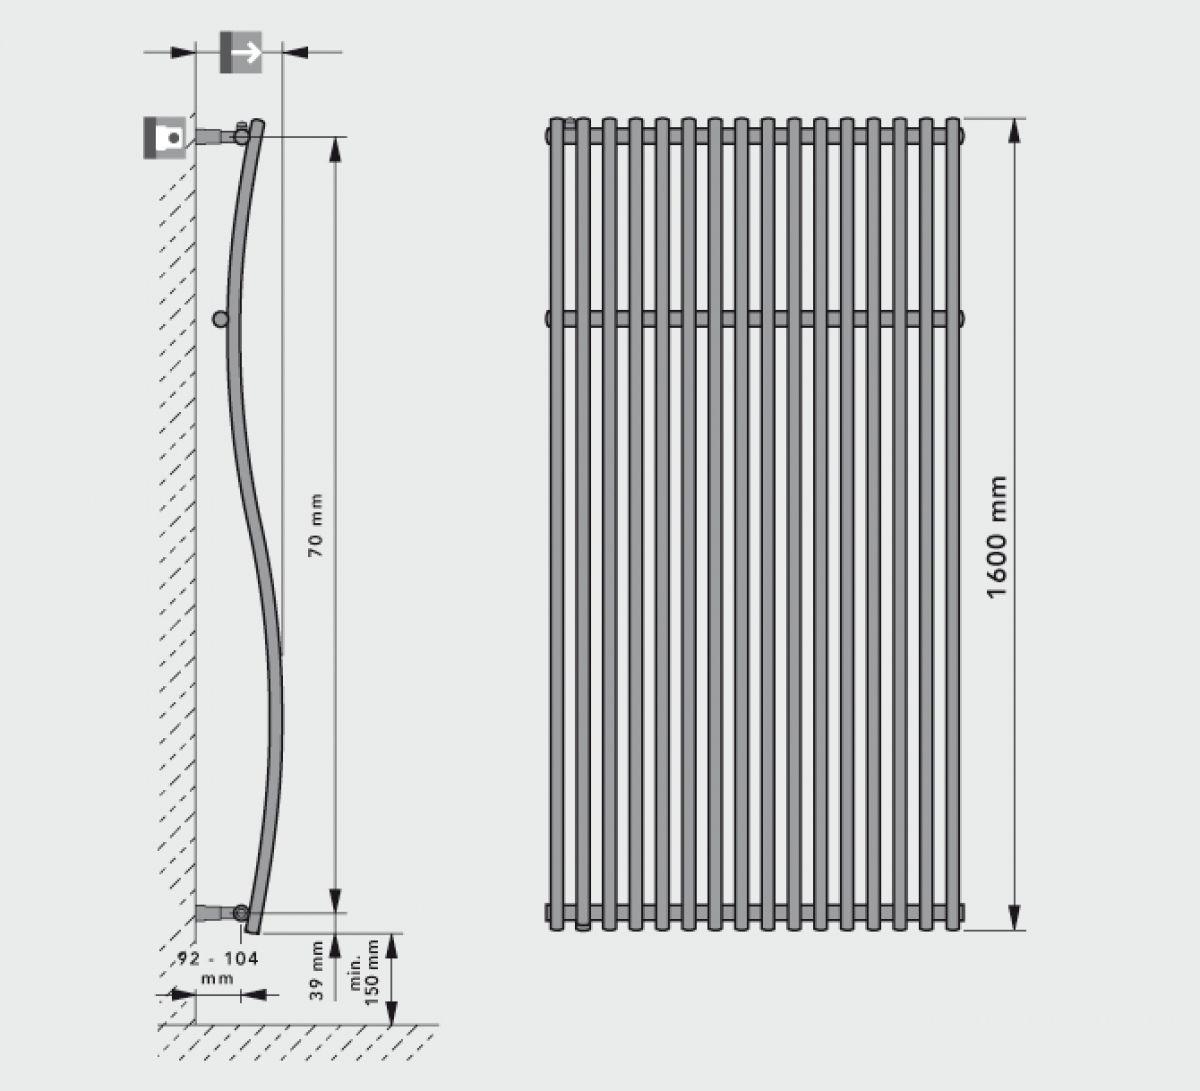 Вертикальные радиаторы, достоинства и недостатки. Выбор радиаторов 3516